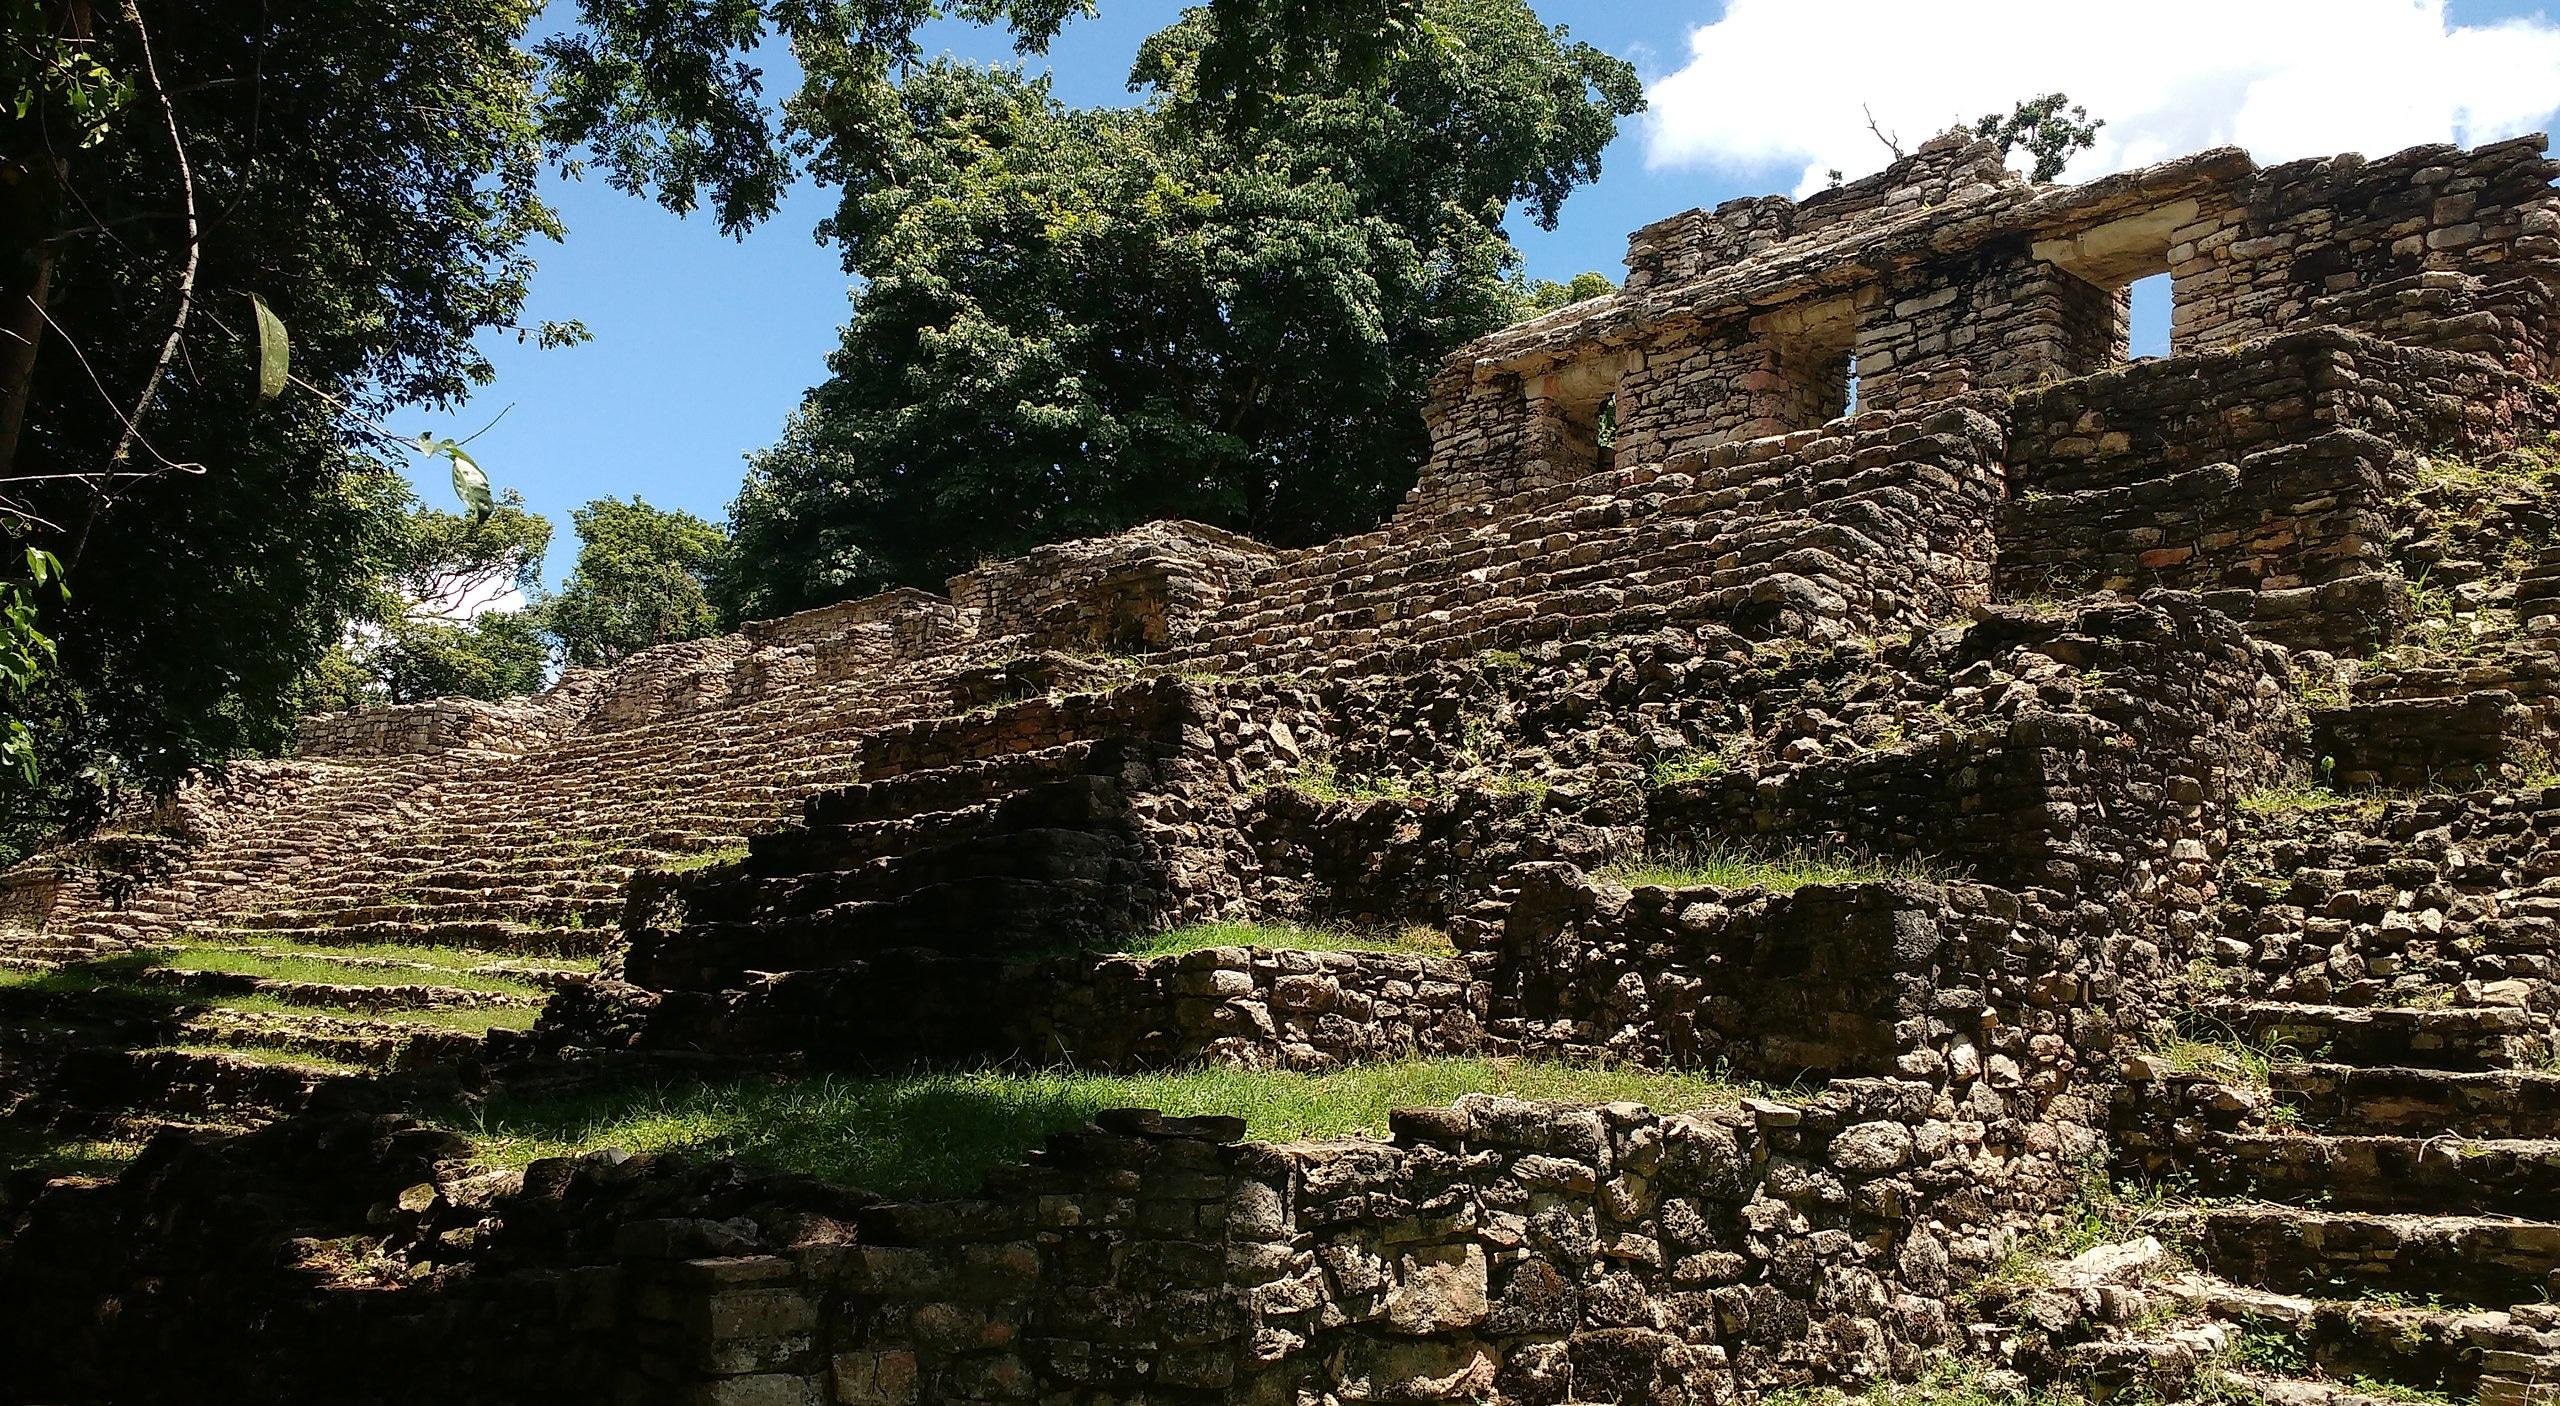 Яксчилан, Чиапас, Мексико - изключително загадъчни руини от цял свят.